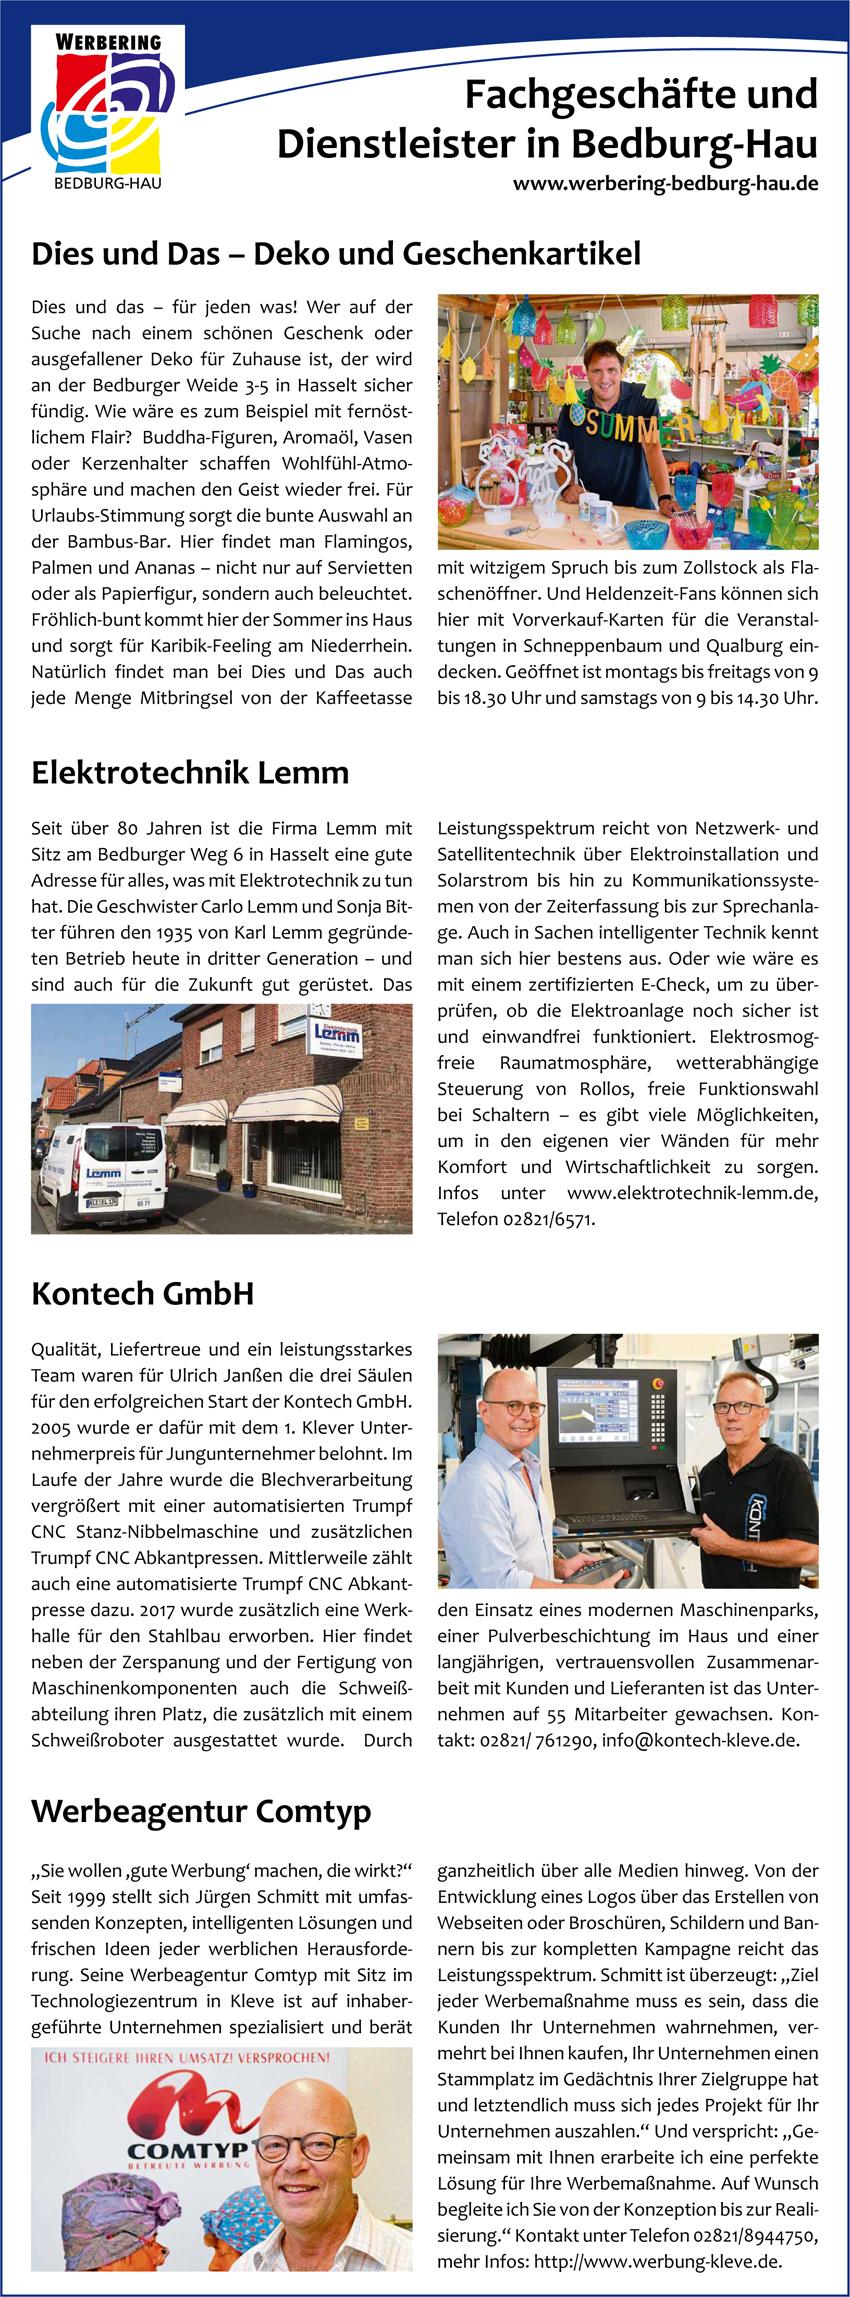 Elektro Lemm, Kontech GmbH, Dies und Das Geschenkeartikel und Werbeagentur Comtyp sind vier von über 80 erfolgreichen Unternehmen des Werbering Bedburg-Hau präsentieren sich.